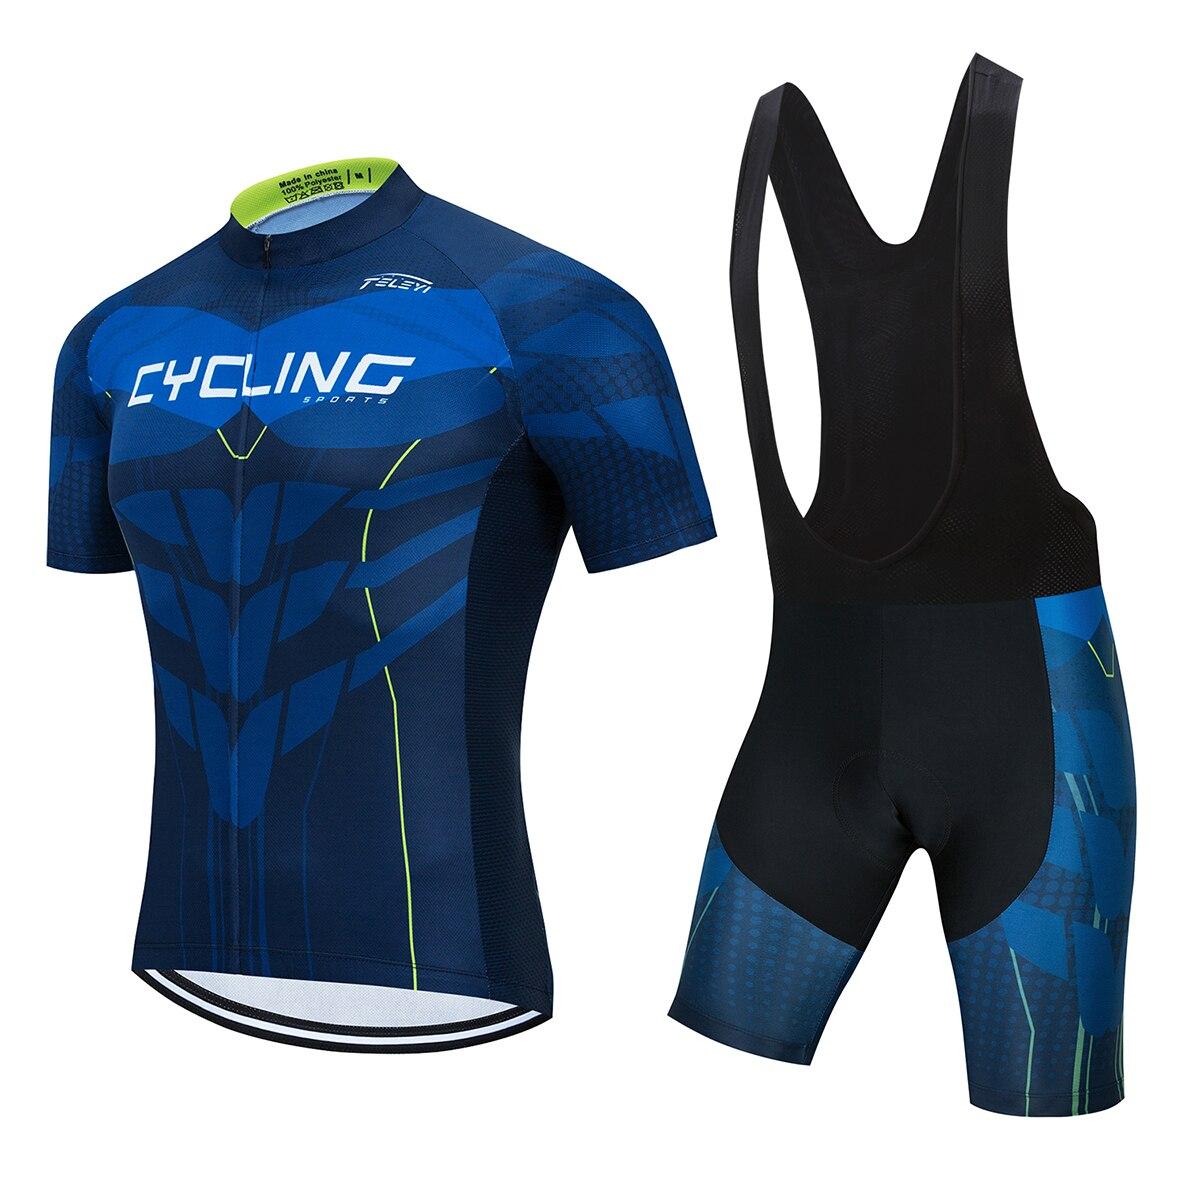 ProTeam Джерси велосипед комплект Мужчины Велоспорт одежда для верховой езды Летняя униформа с короткими рукавами Велоспорт шоссейные велоси...